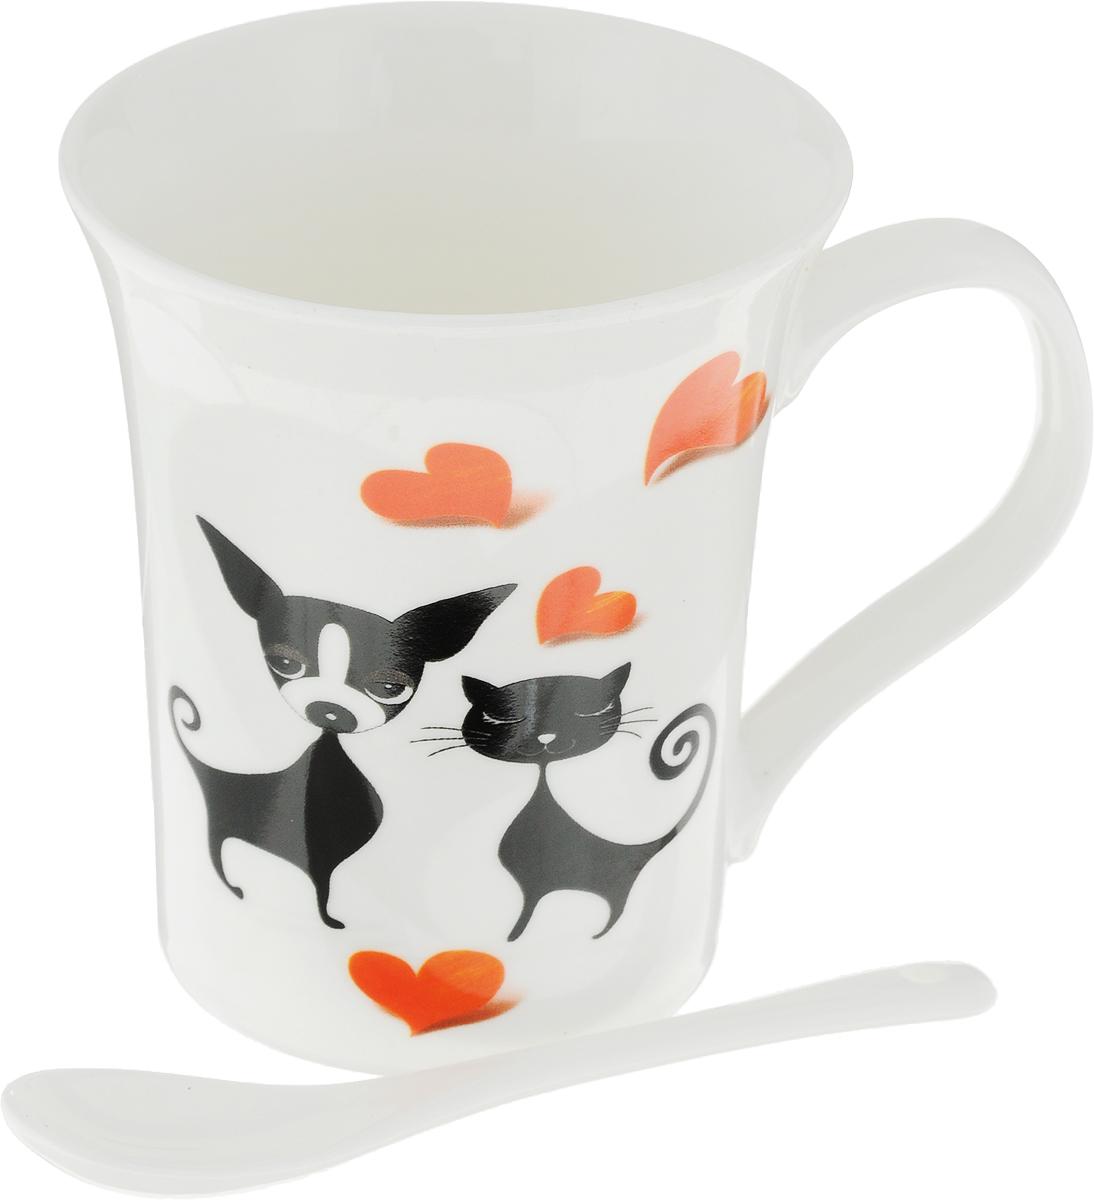 Кружка Доляна Кот и пес, с ложкой, цвет: белый, 300 мл836423_белыйКружка Доляна Кот и пес изготовлена из высококачественной керамики. Она украшена оригинальнымизображением кота и собаки.Изысканная кружка прекрасно оформит стол к чаепитию и станет его неизменным атрибутом. В комплект входит чайная ложечка. Диаметр кружки (по верхнему краю): 9 см. Высота кружки: 10,5 см.